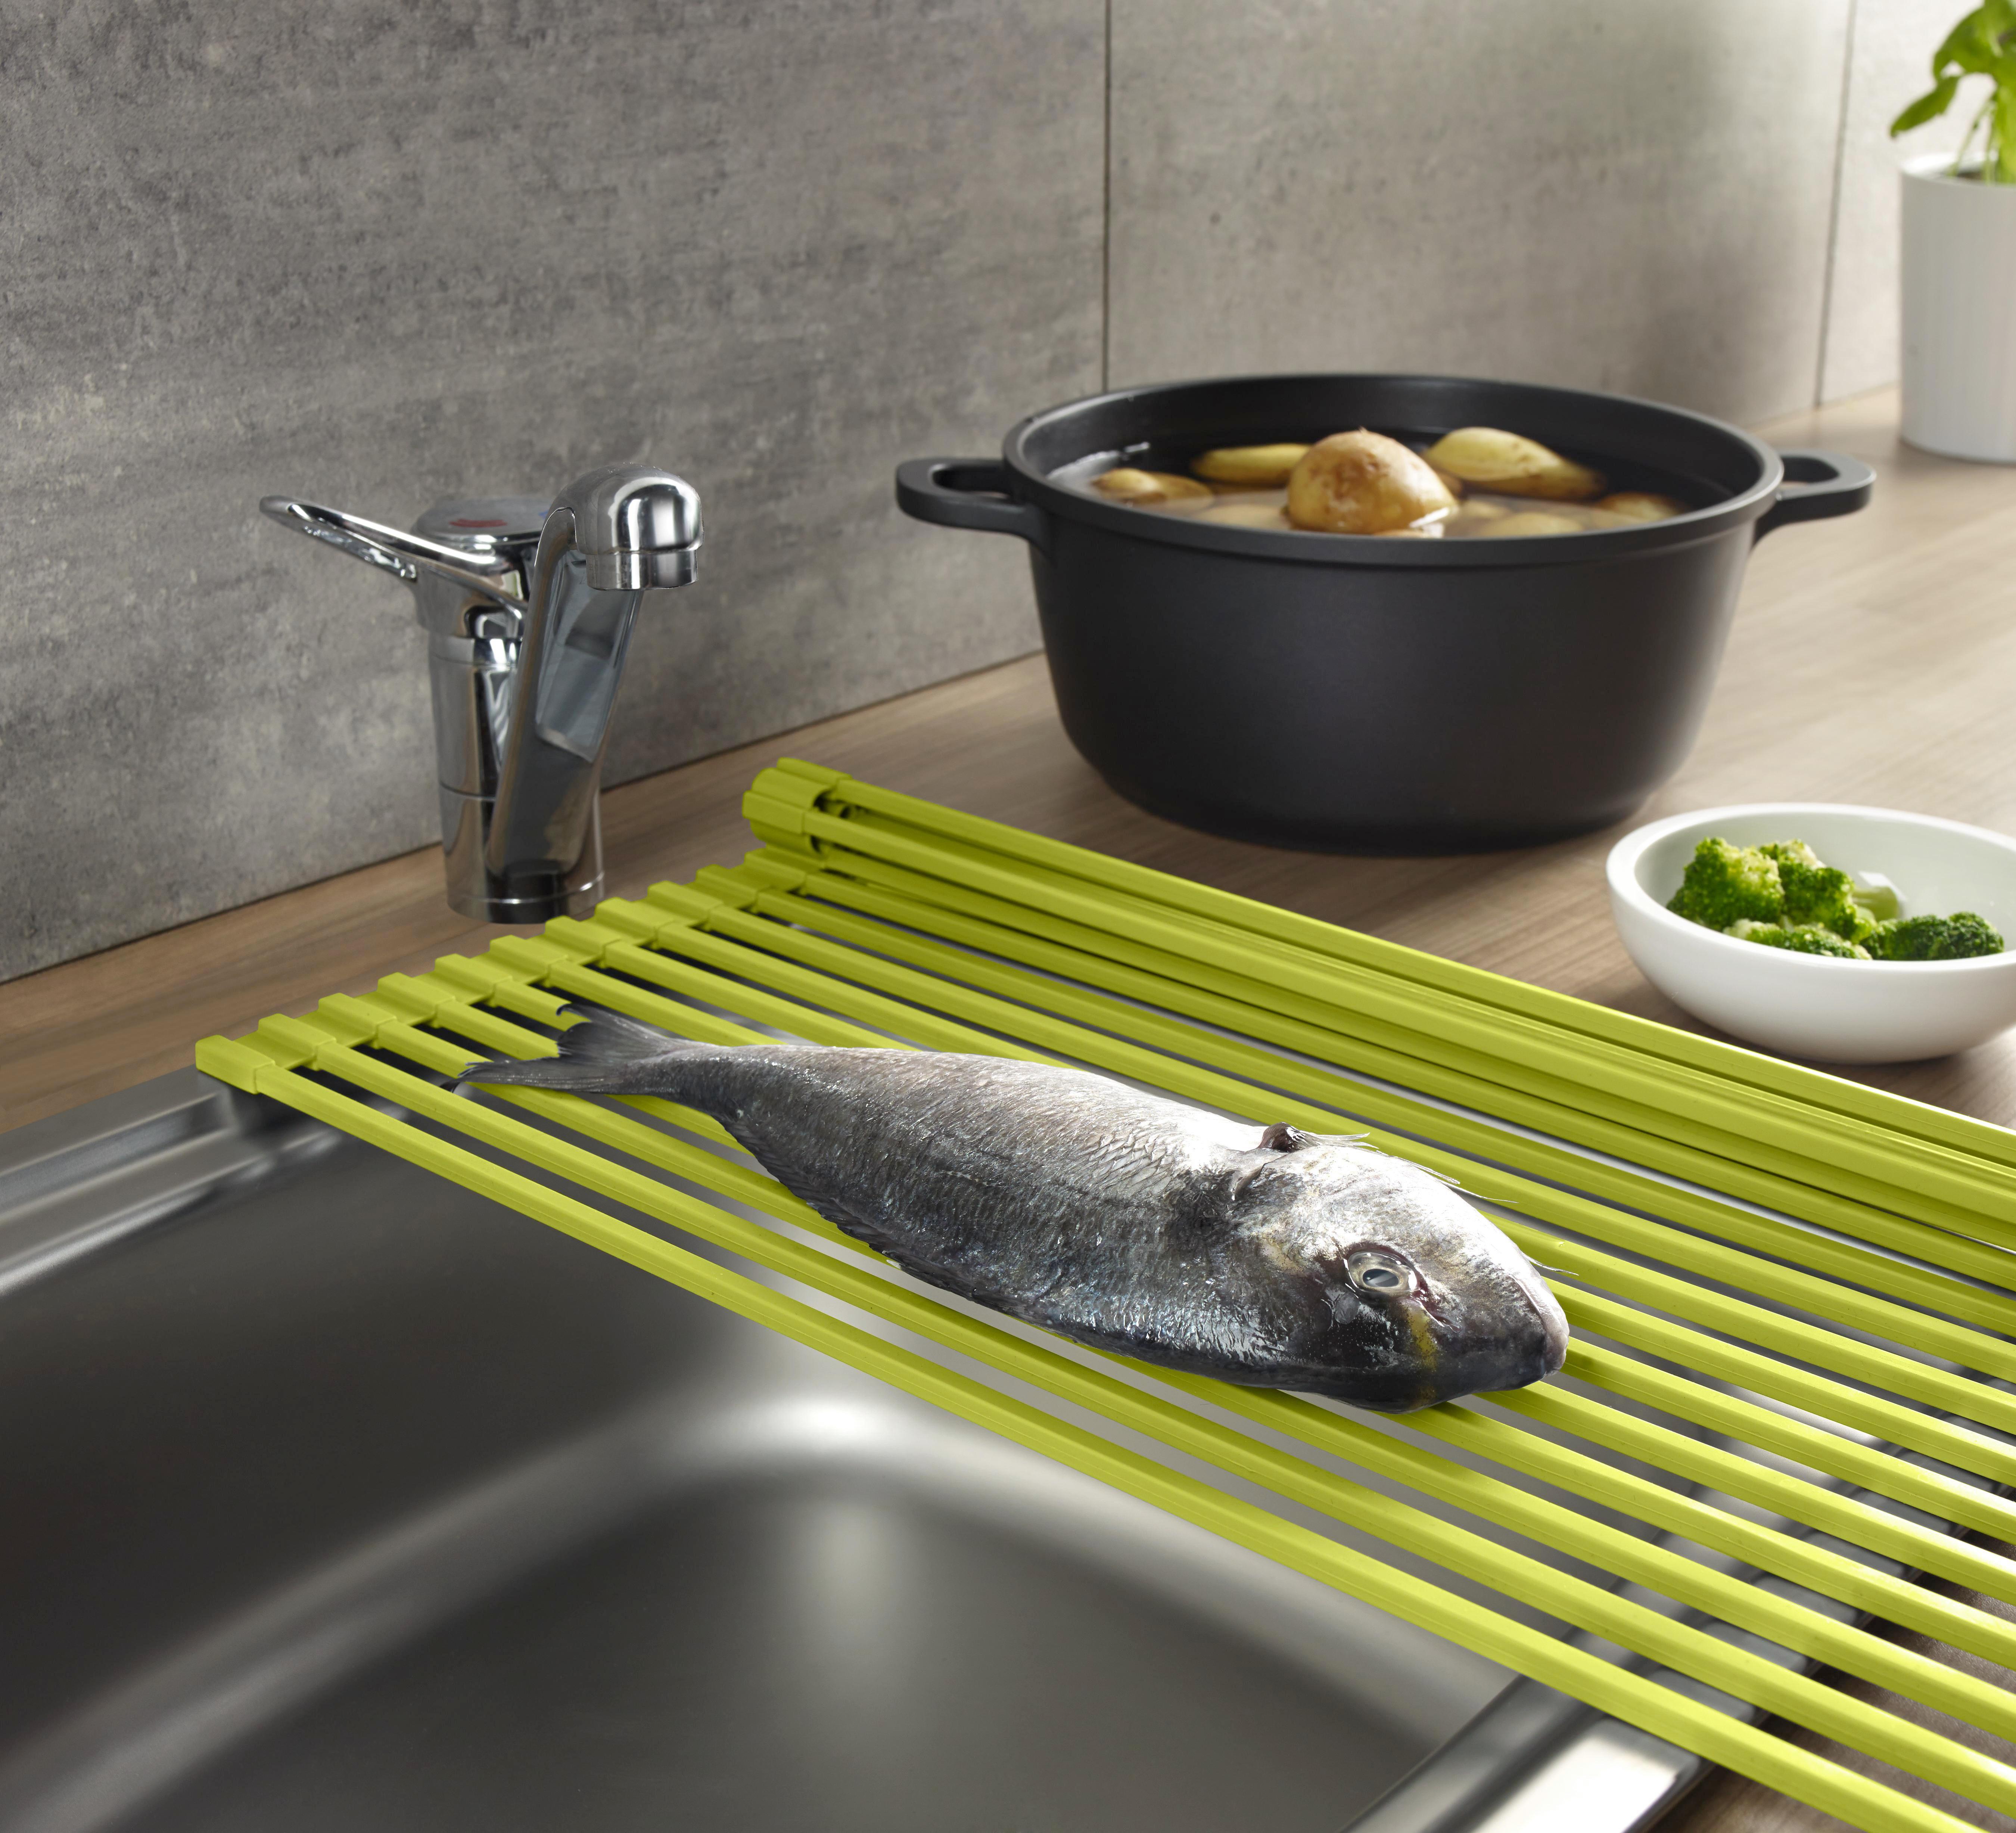 Erfreut Kaufen Küchenspülen Online Uk Fotos - Ideen Für Die Küche ...